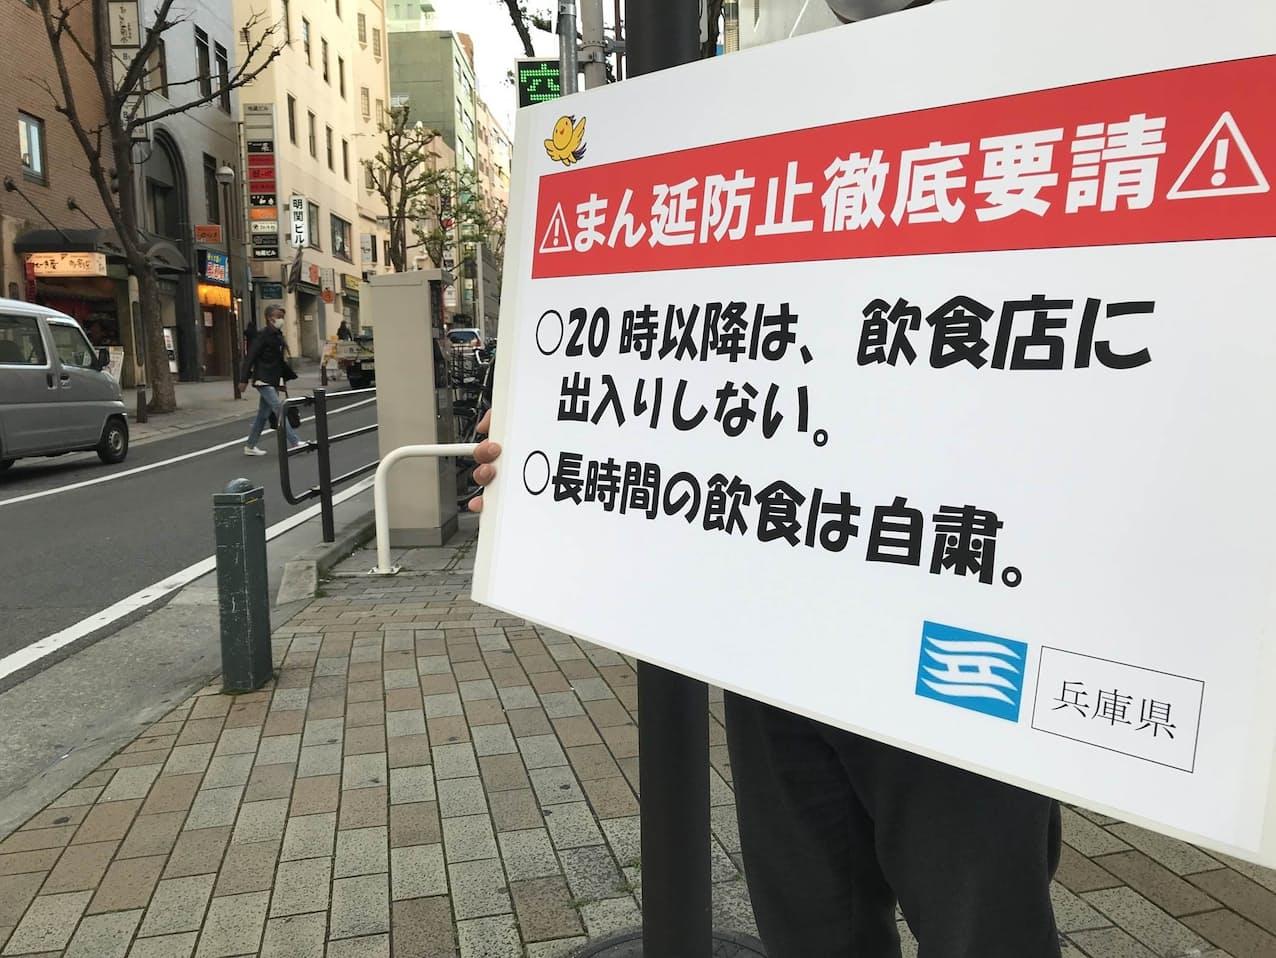 兵庫県職員は繁華街・三宮の街頭で感染防止対策の徹底を呼びかけた(5日午後)=田村峻久撮影